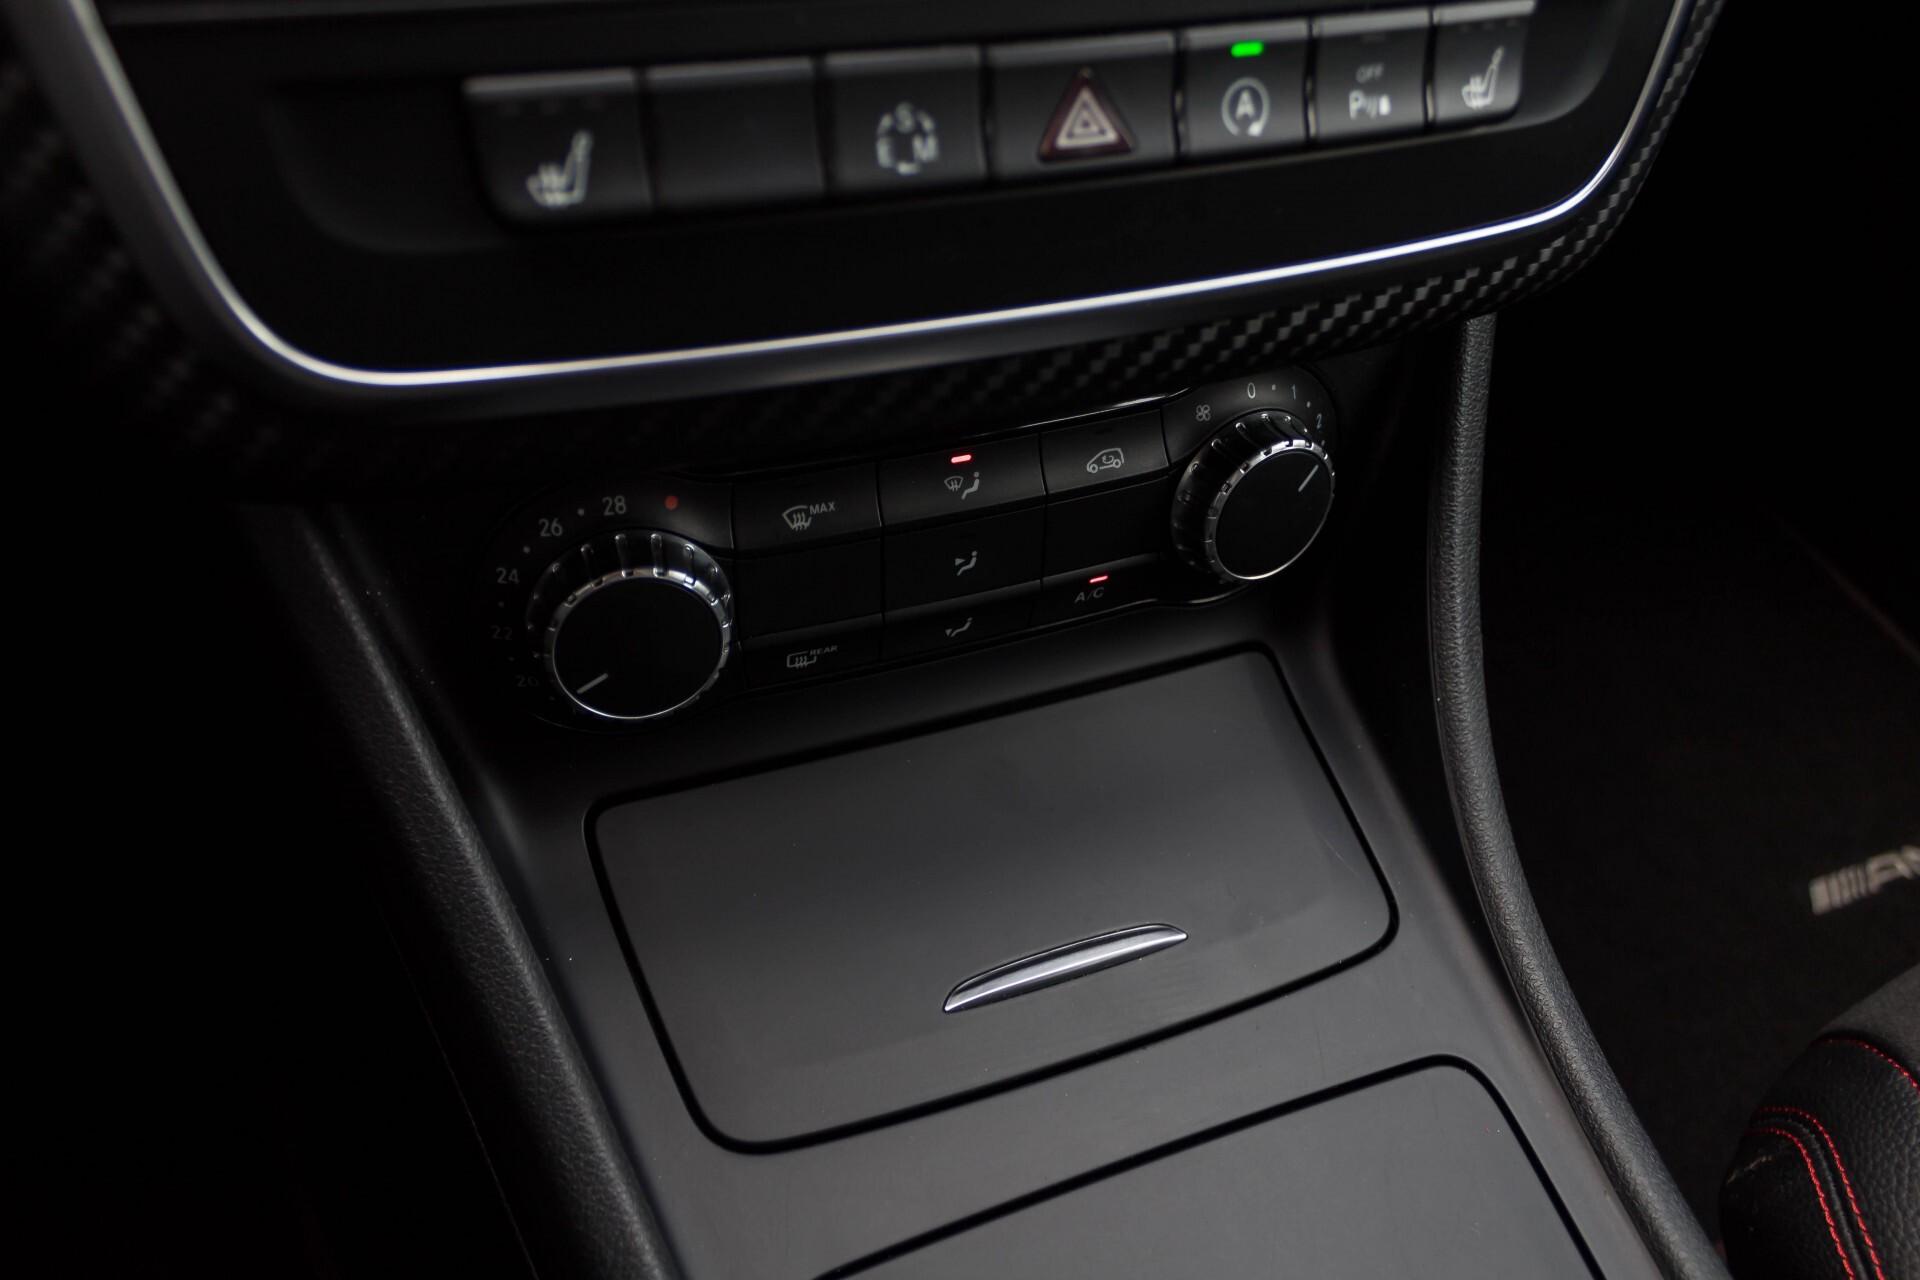 Mercedes-Benz A-Klasse 180 Cdi AMG Panorama Bi-xenon/Navi/PTS Aut7 Foto 18